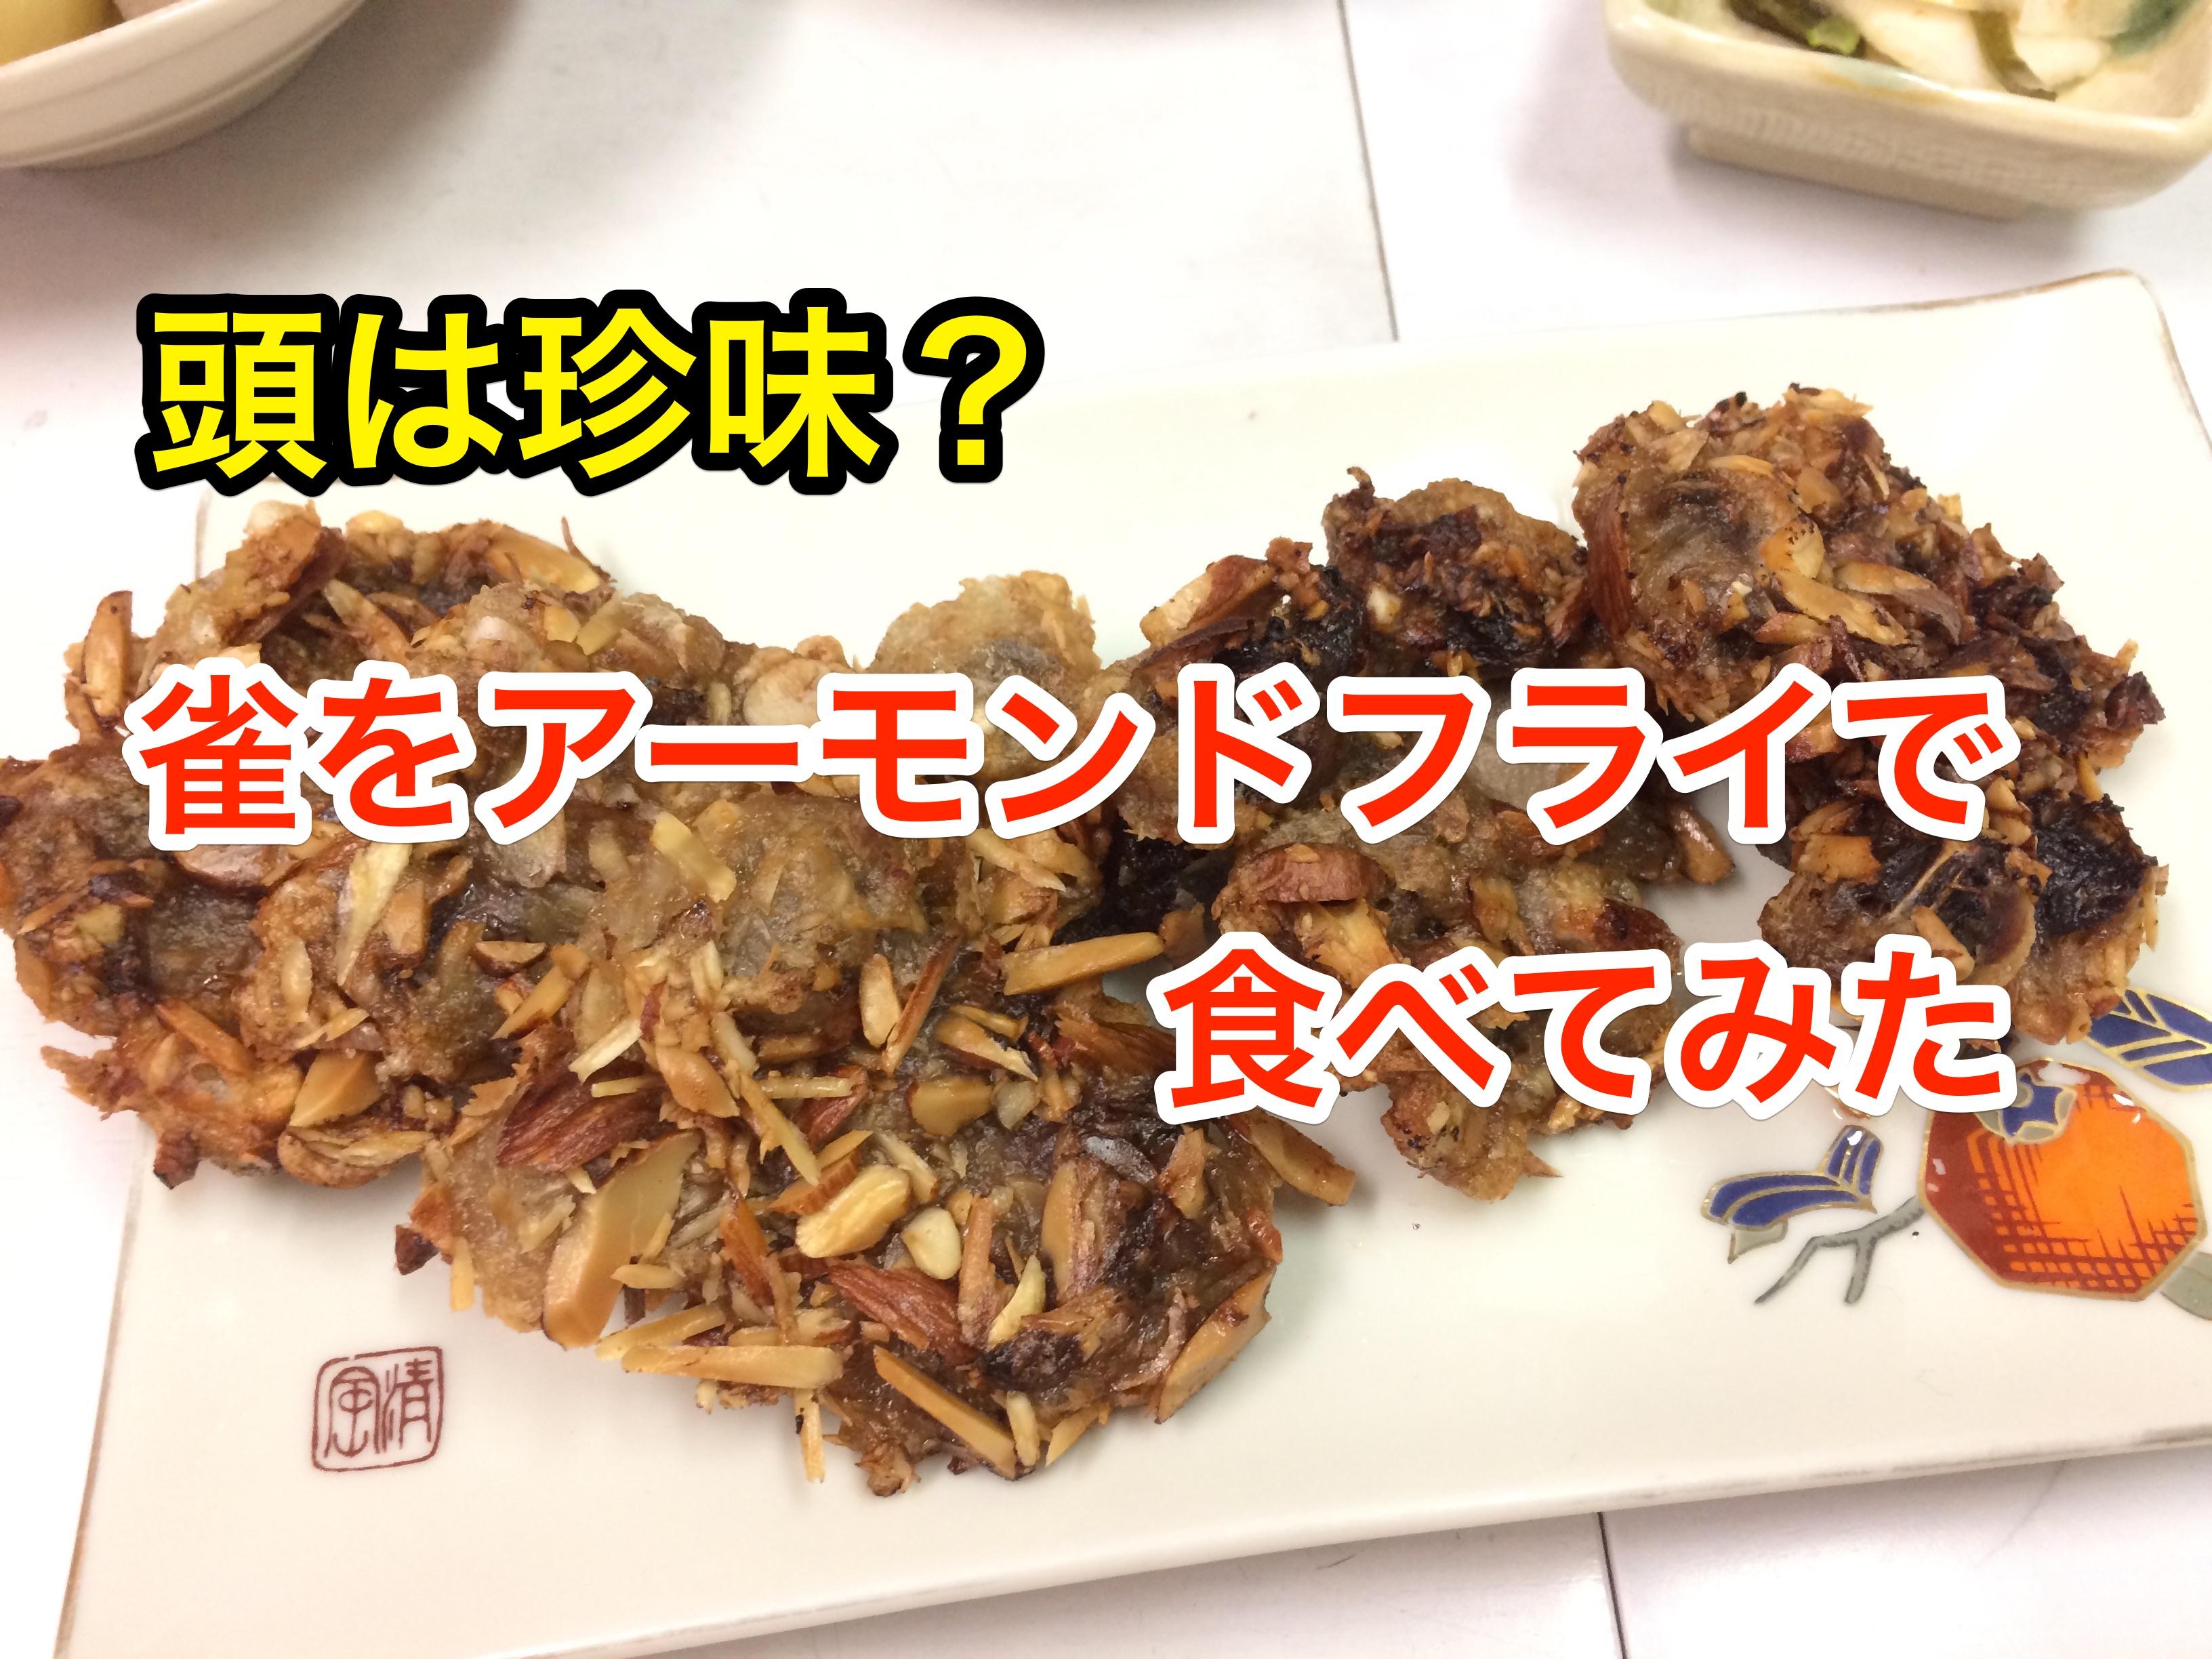 【頭は珍味?】雀のアーモンドフライを作って食べてみた。